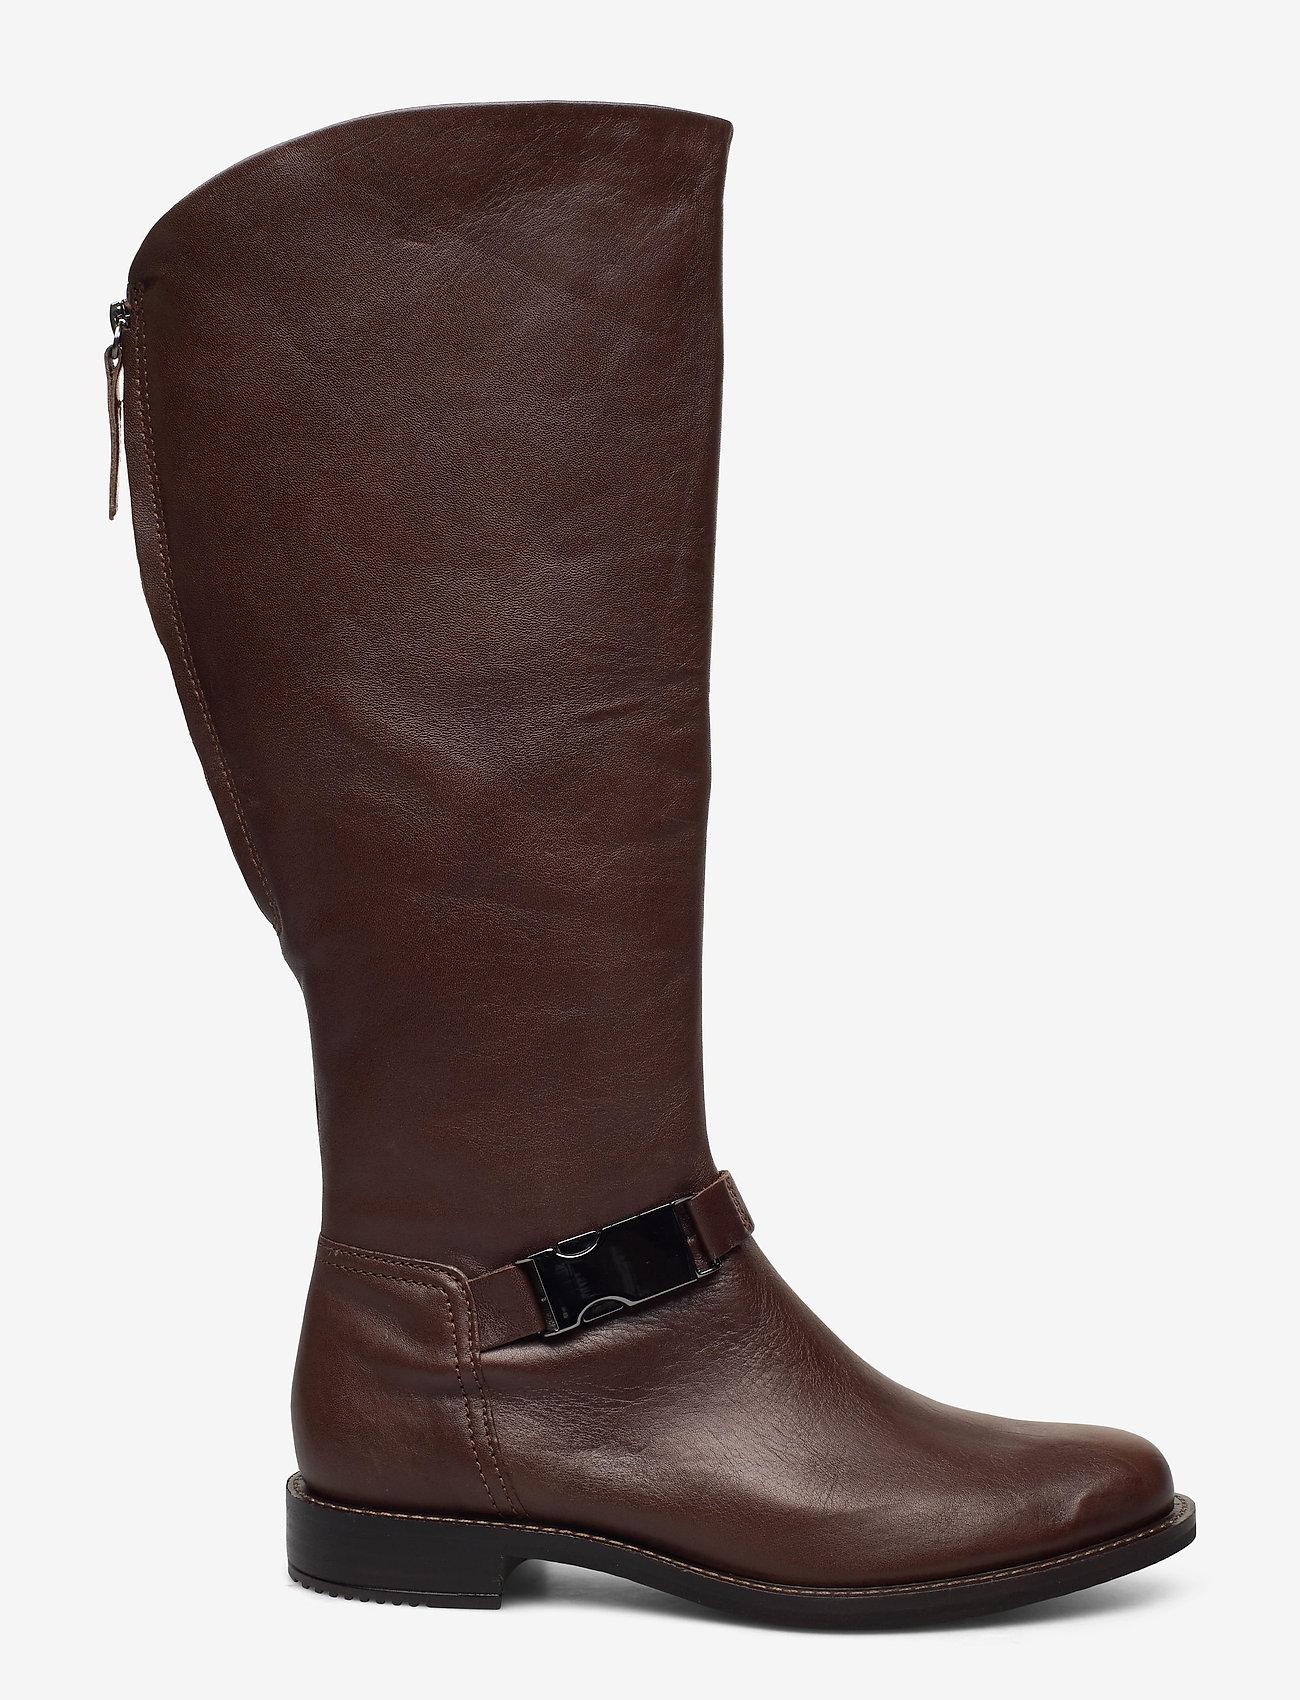 ECCO - SARTORELLE 25 - lange laarzen - cocoa brown - 1